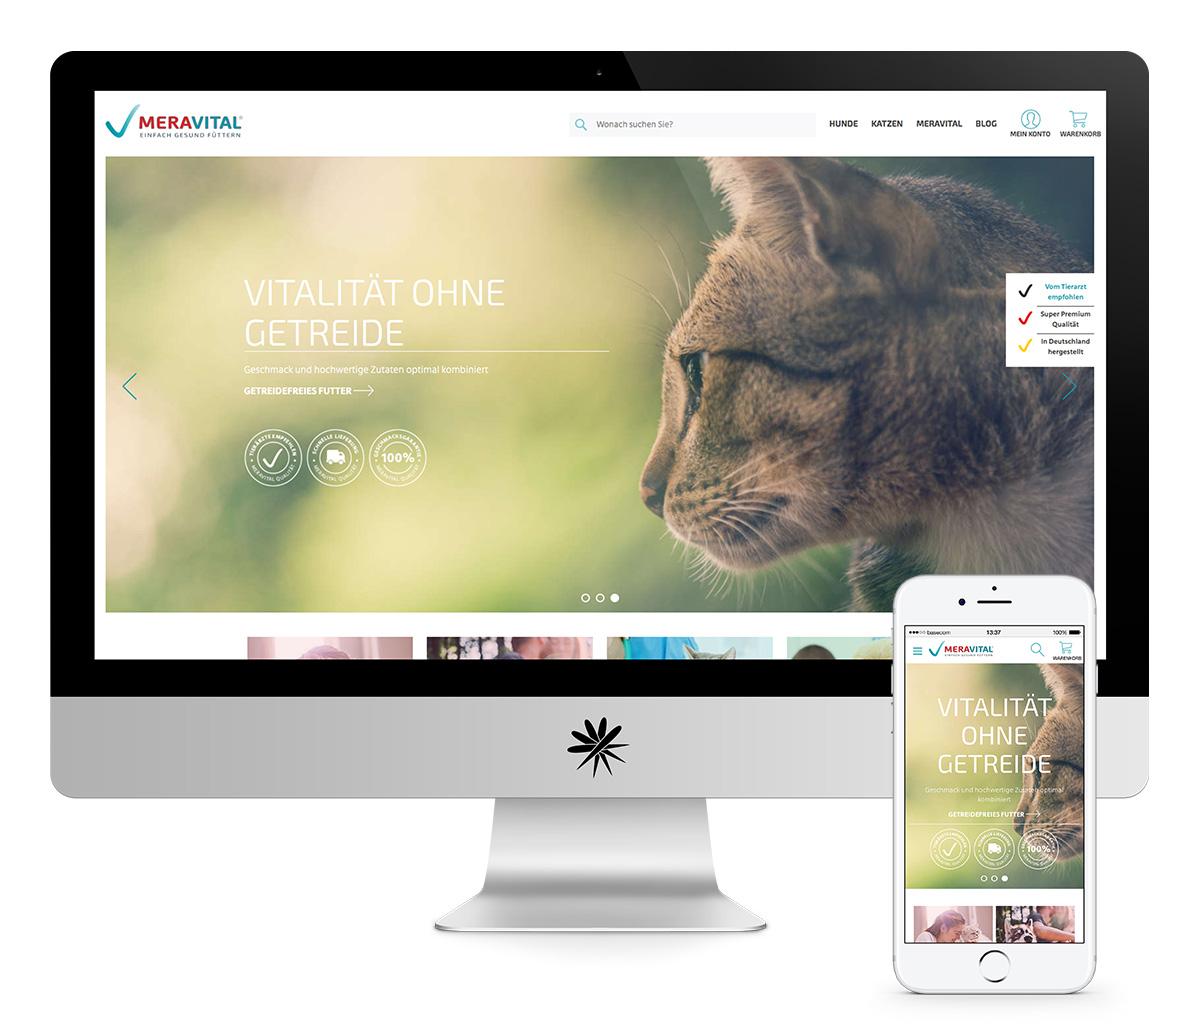 Meravital Website